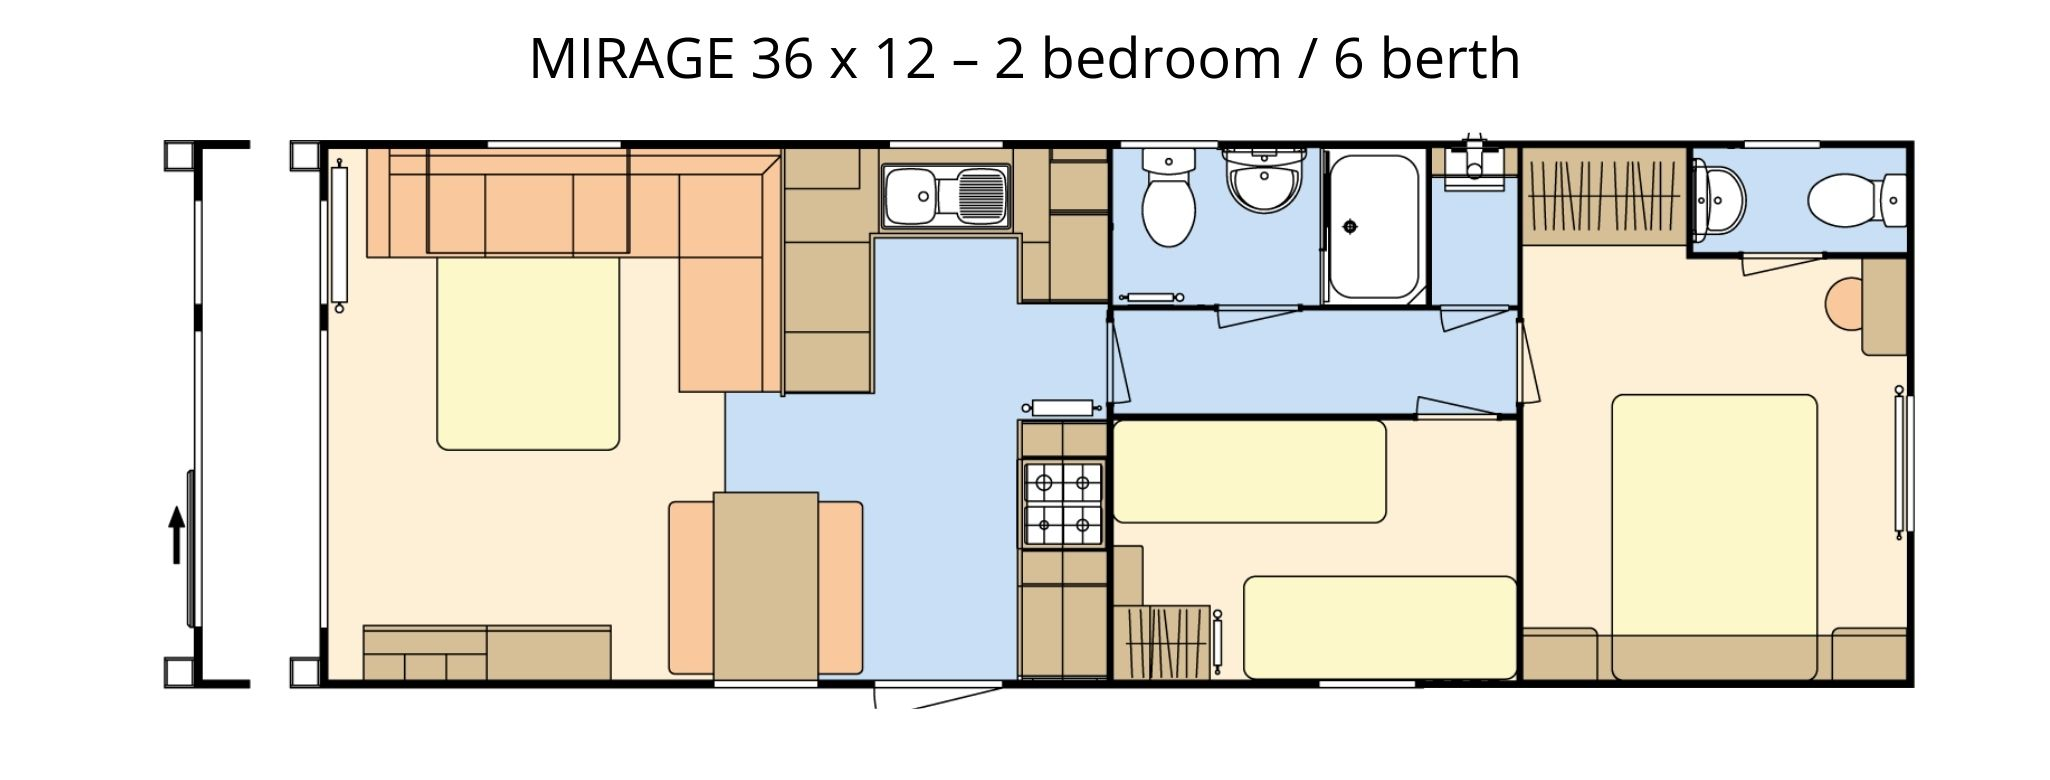 Atlas Mirage 36 x 12 floor plan